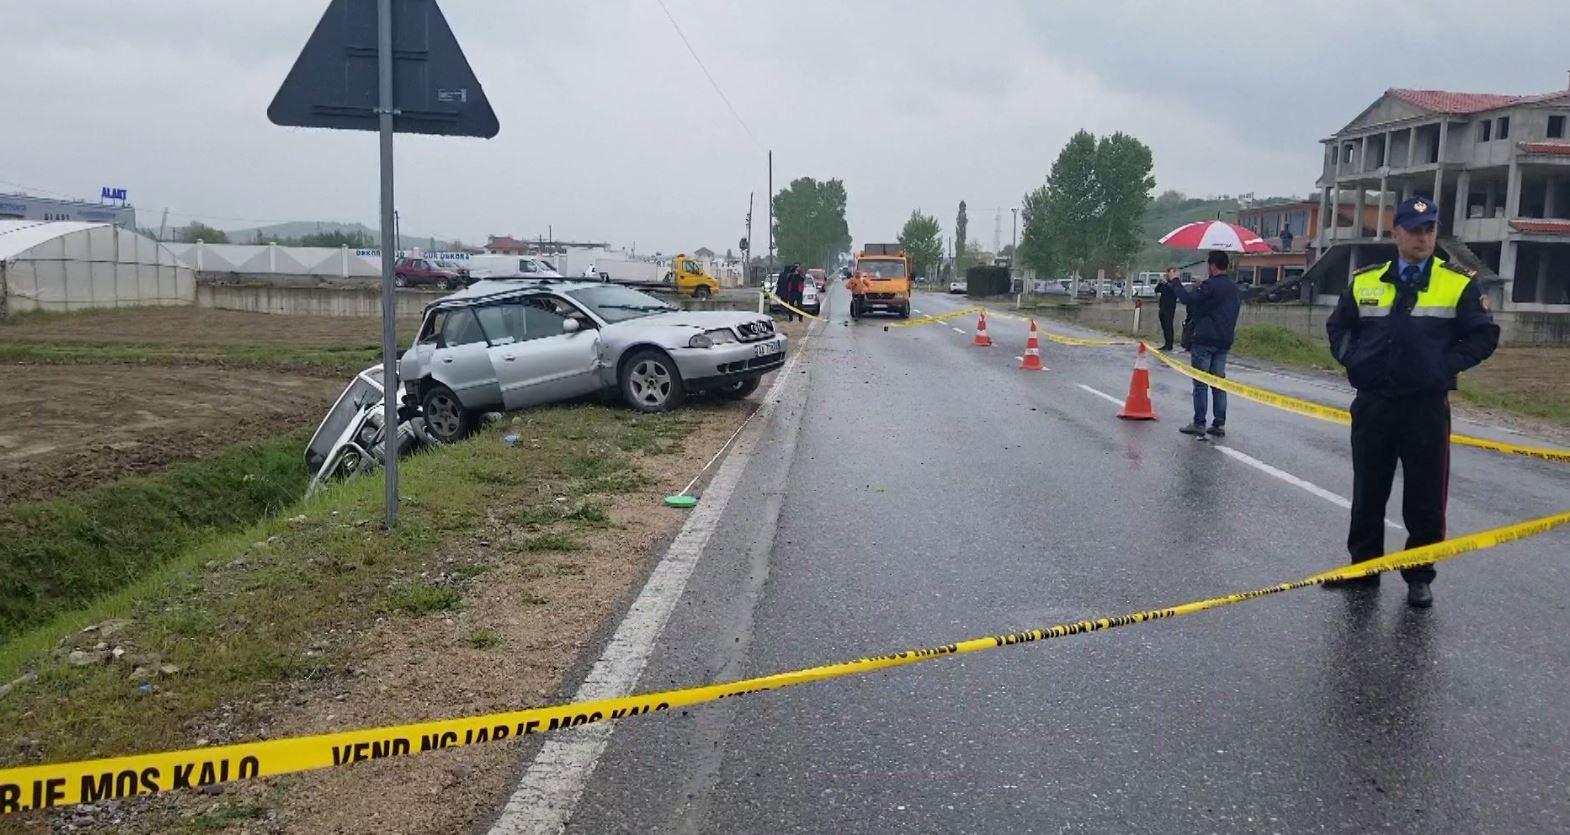 Zbulohet shkaku i aksidentit tragjik në Shkodër